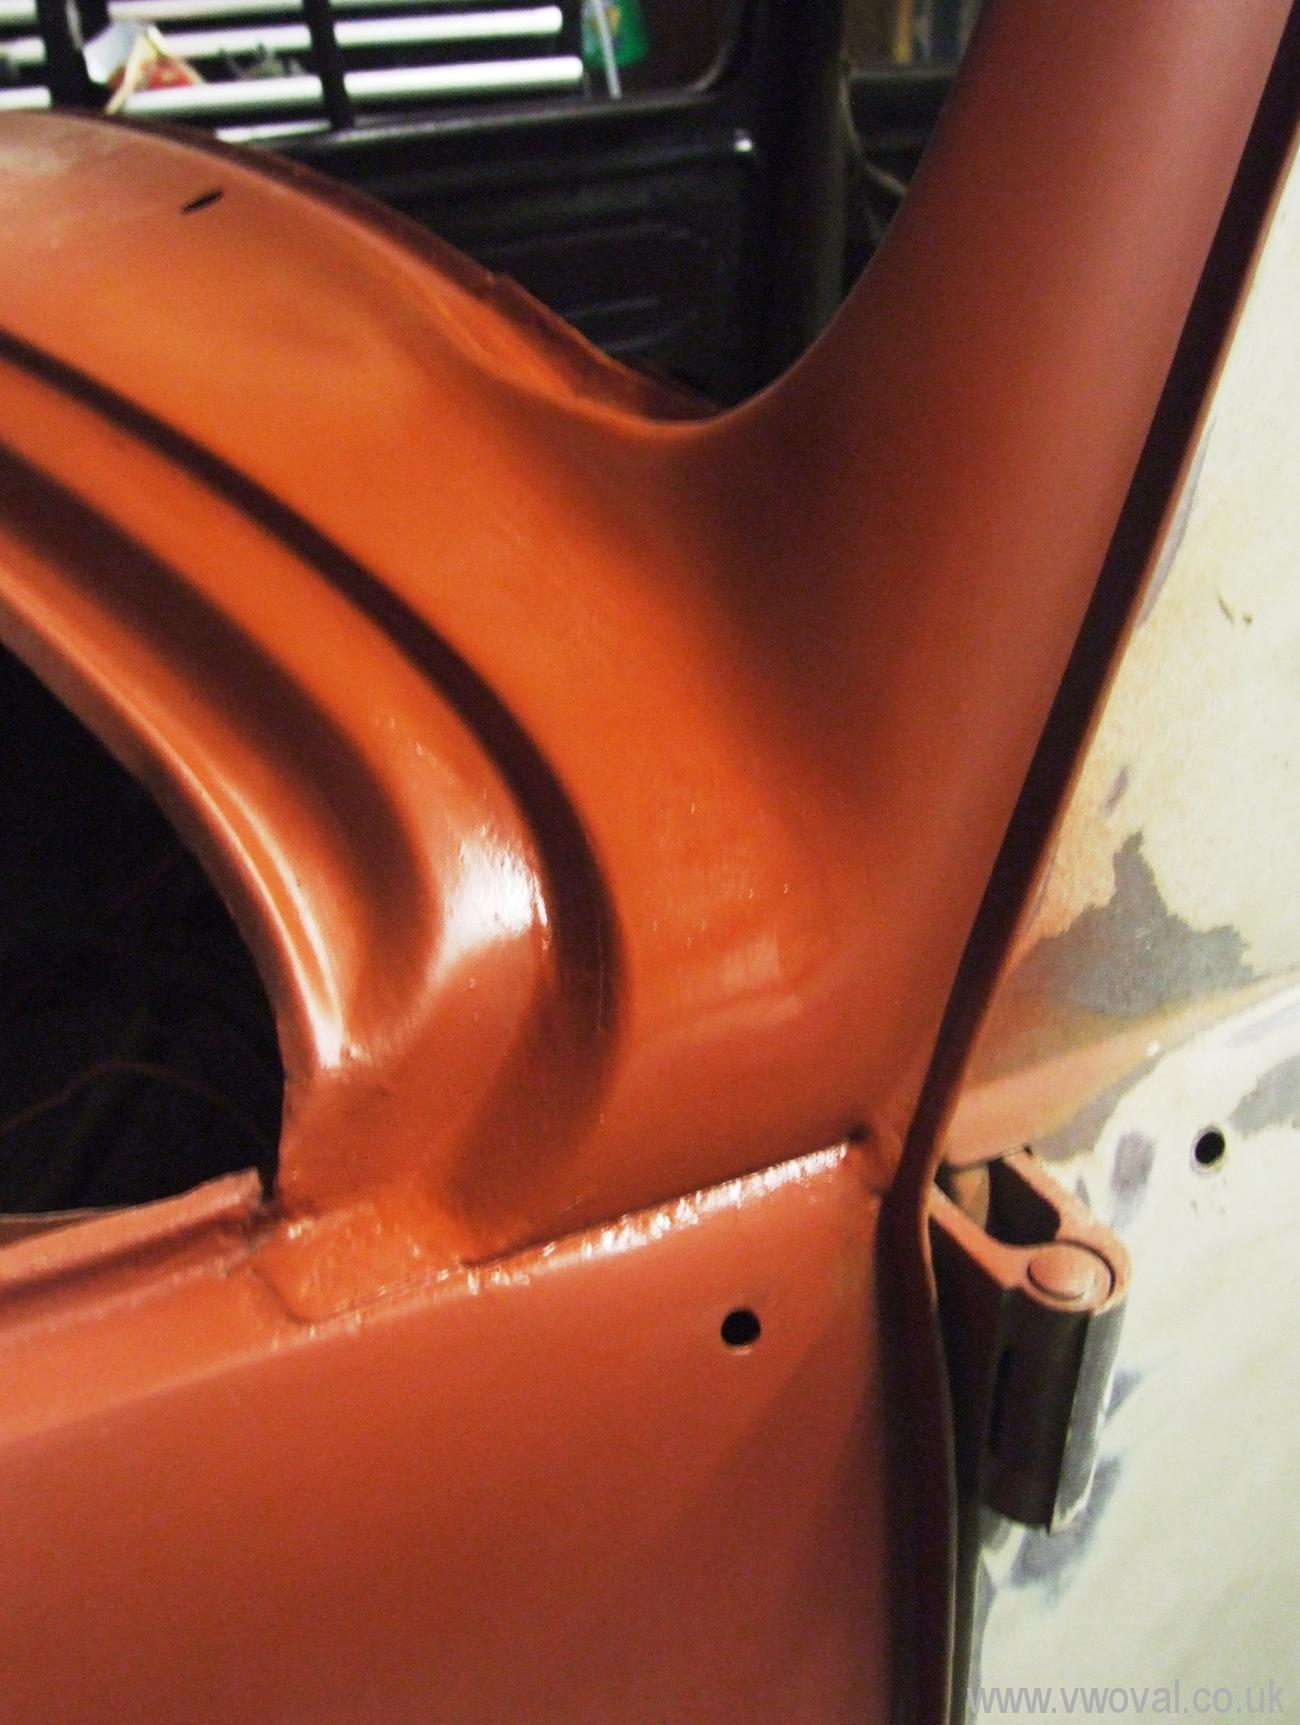 1953 Standard Model Oval Vw Beetle